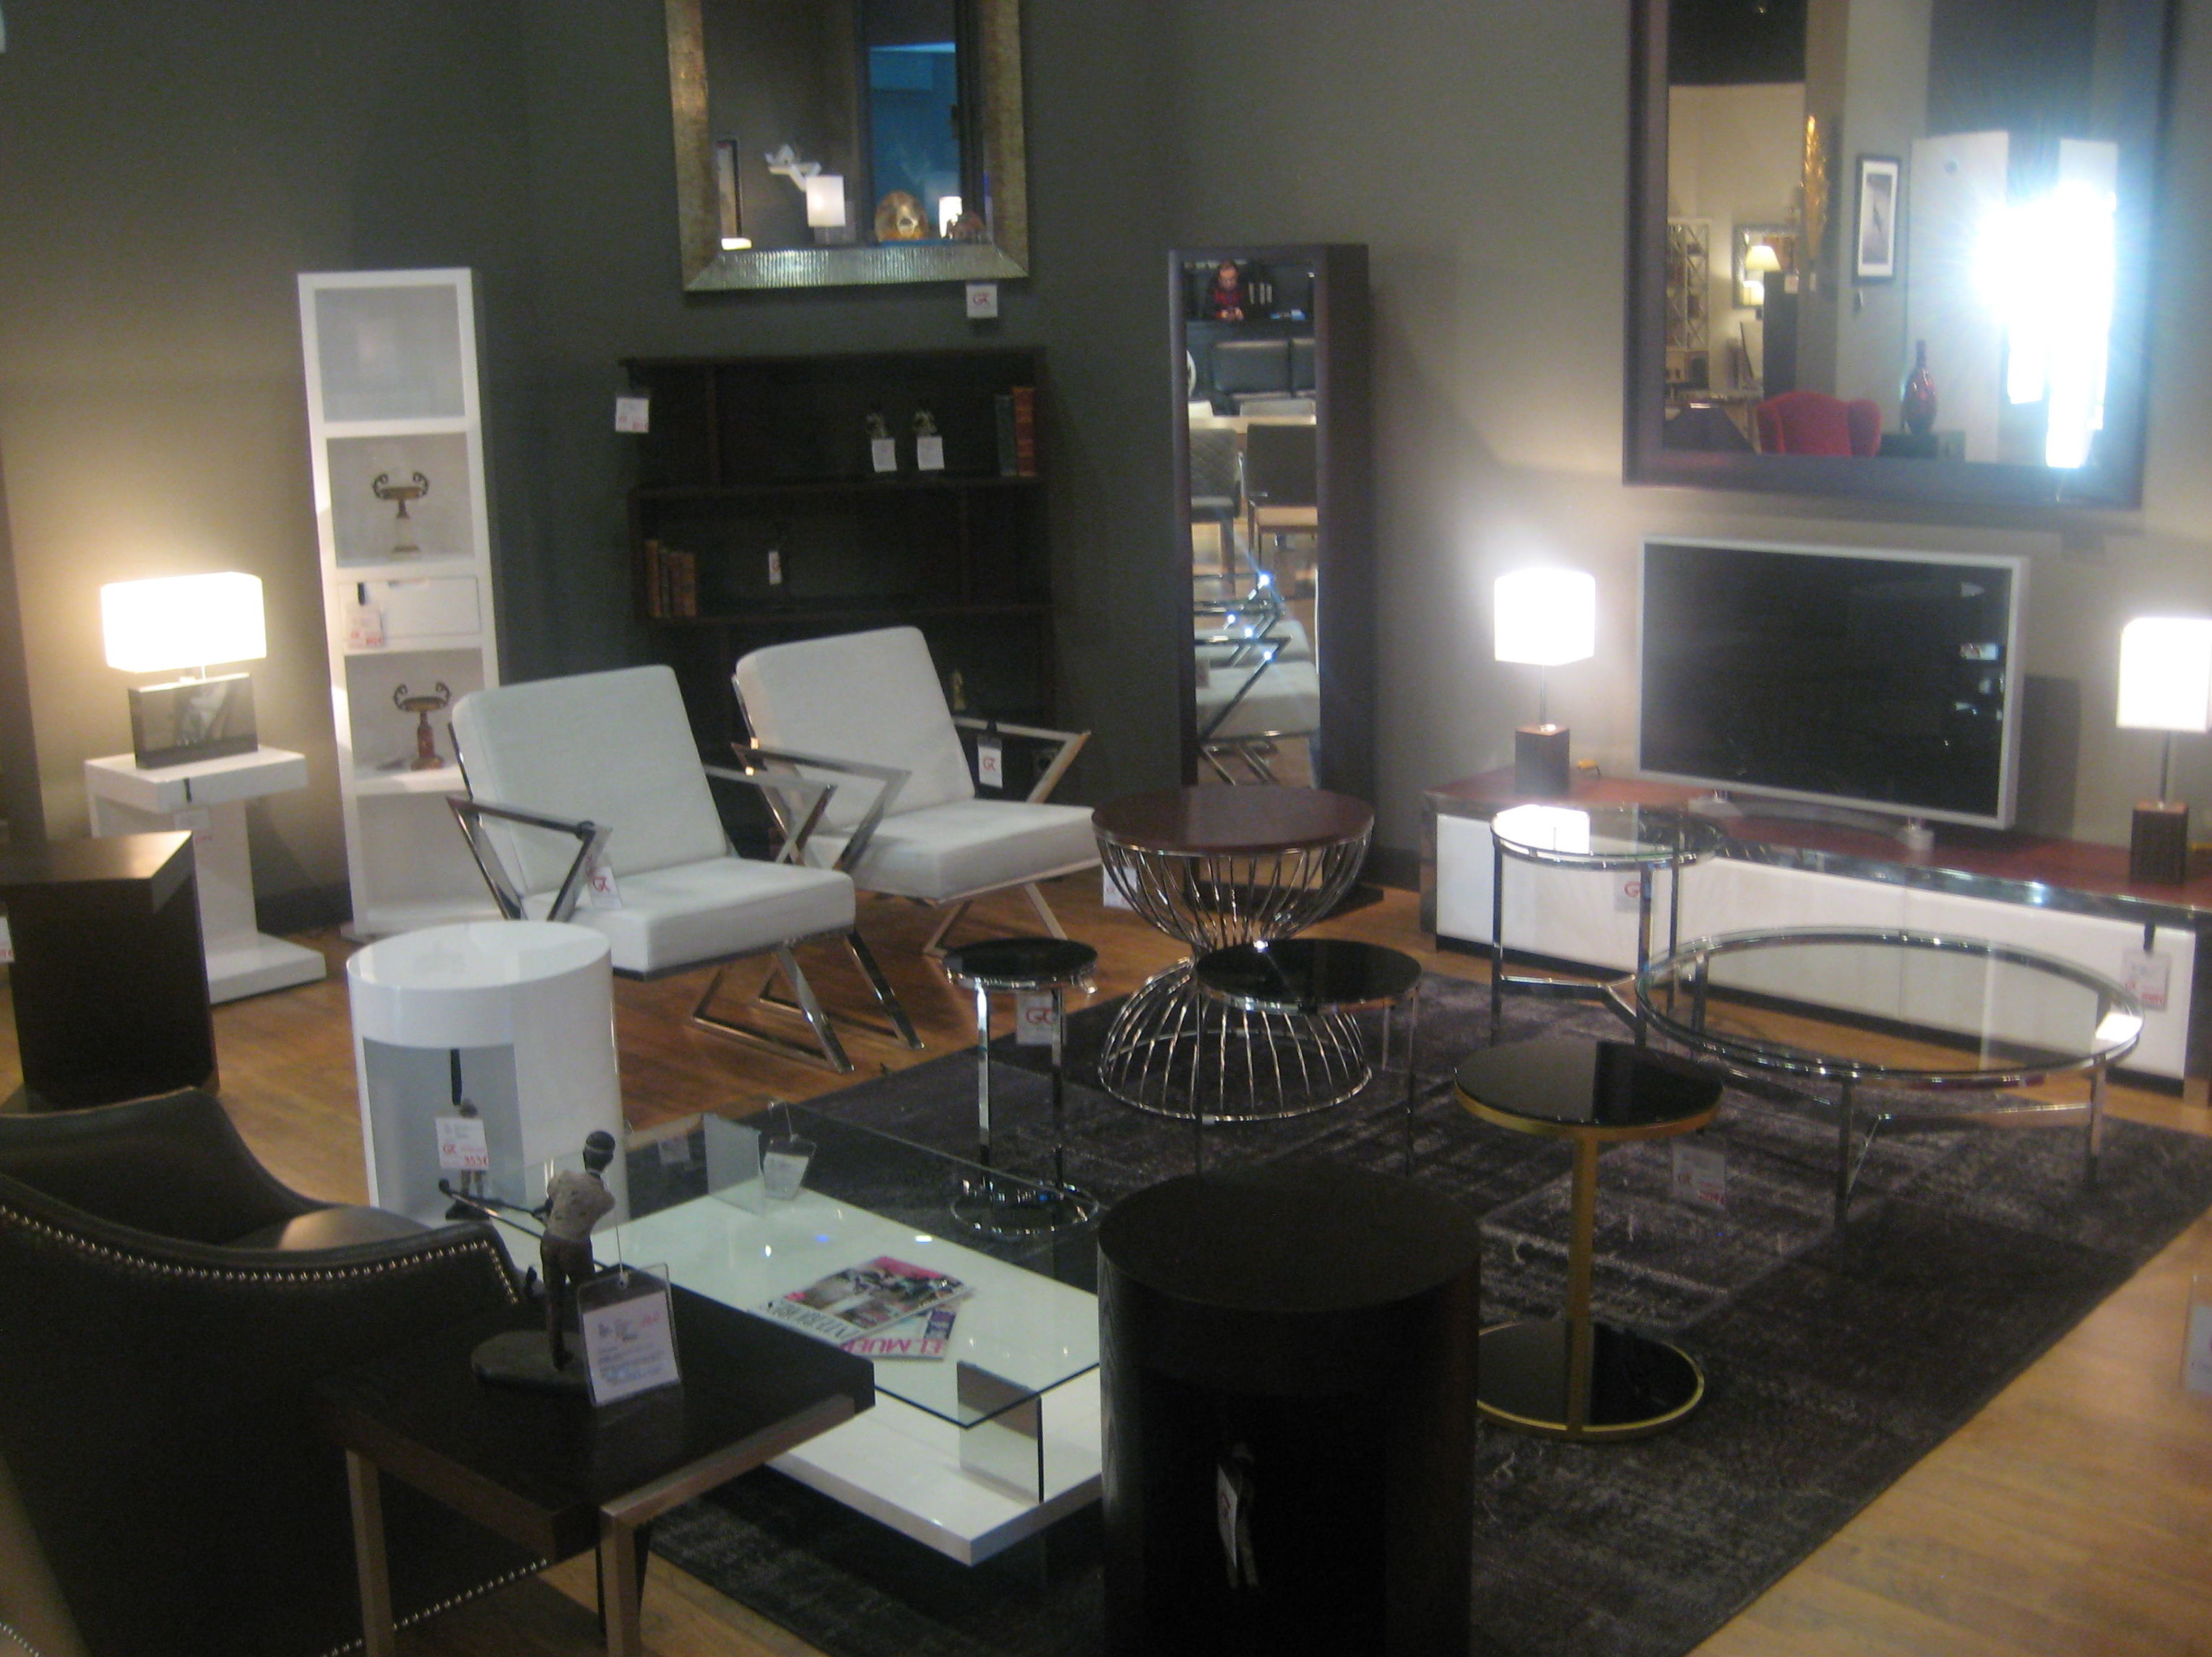 Muebles san sebastian de los reyes obtenga ideas dise o de muebles para su hogar aqu - Muebles en san sebastian de los reyes ...